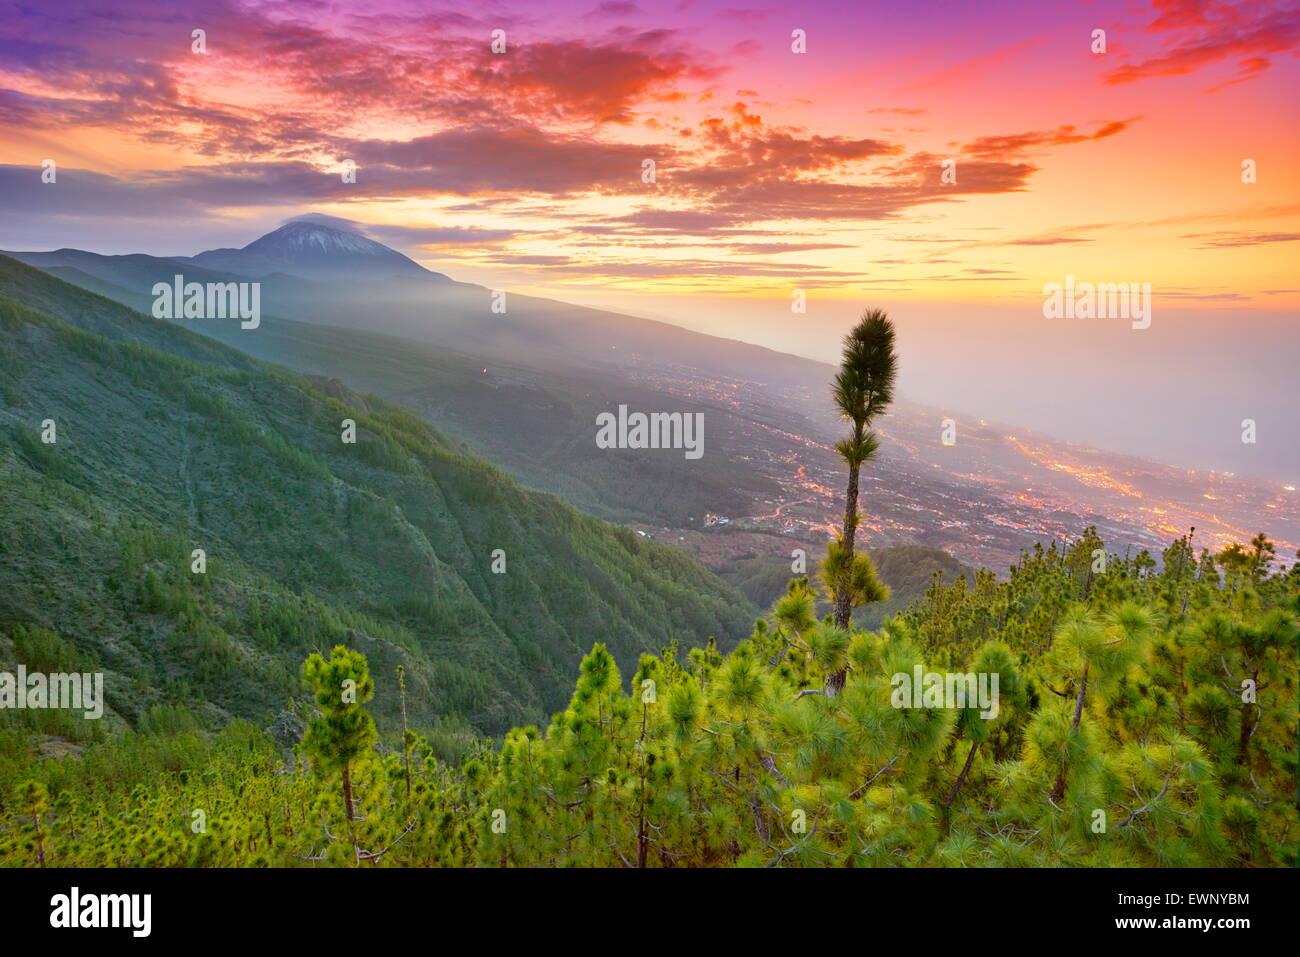 Isola di Tenerife paesaggio - Teide al tramonto sul tempo, Isole Canarie, Spagna Immagini Stock